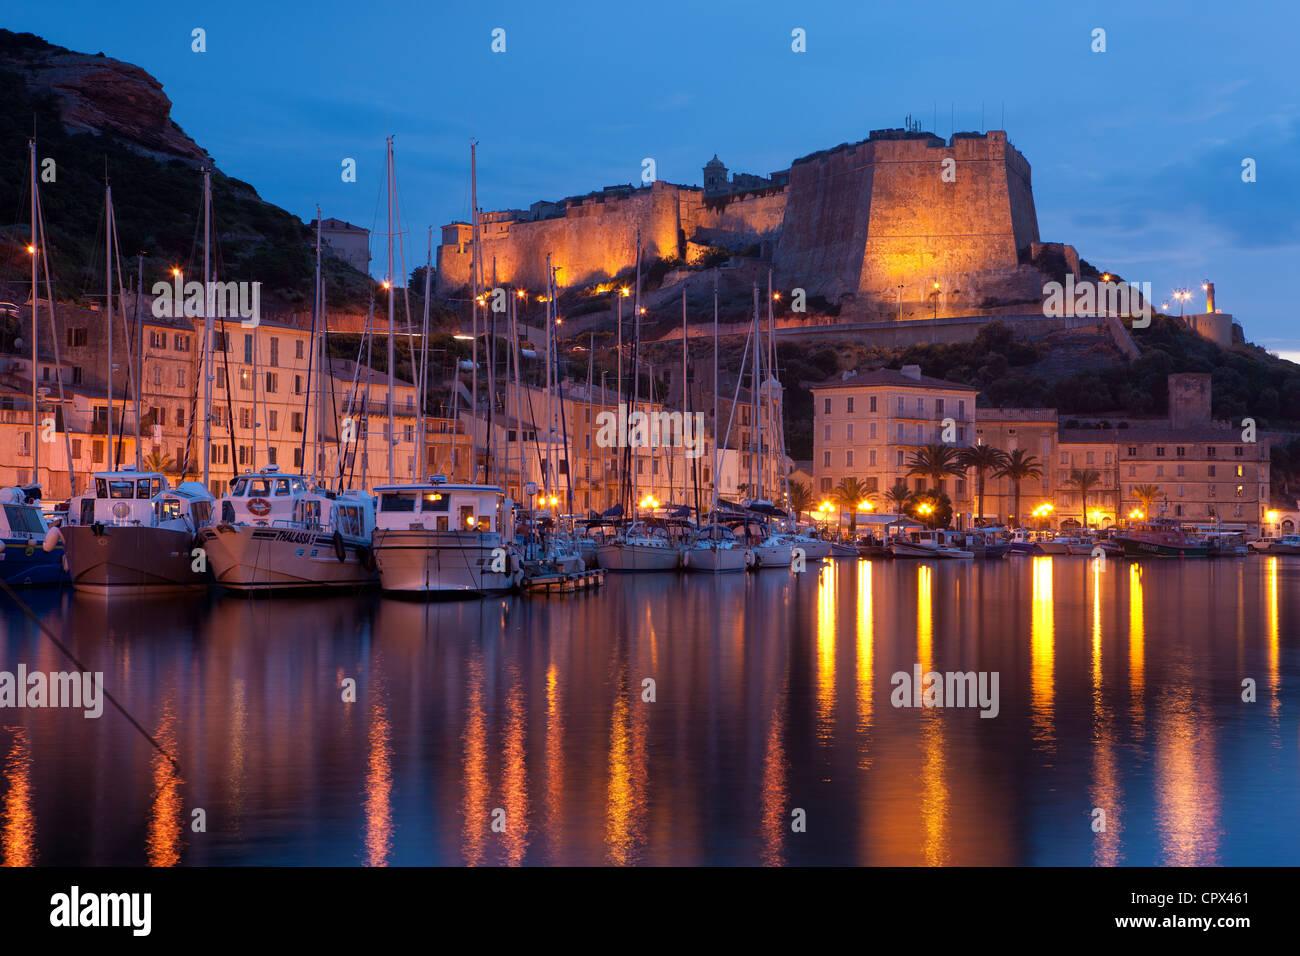 der Hafen und die Zitadelle bei Nacht, Bonifacio, Korsika, Frankreich Stockbild